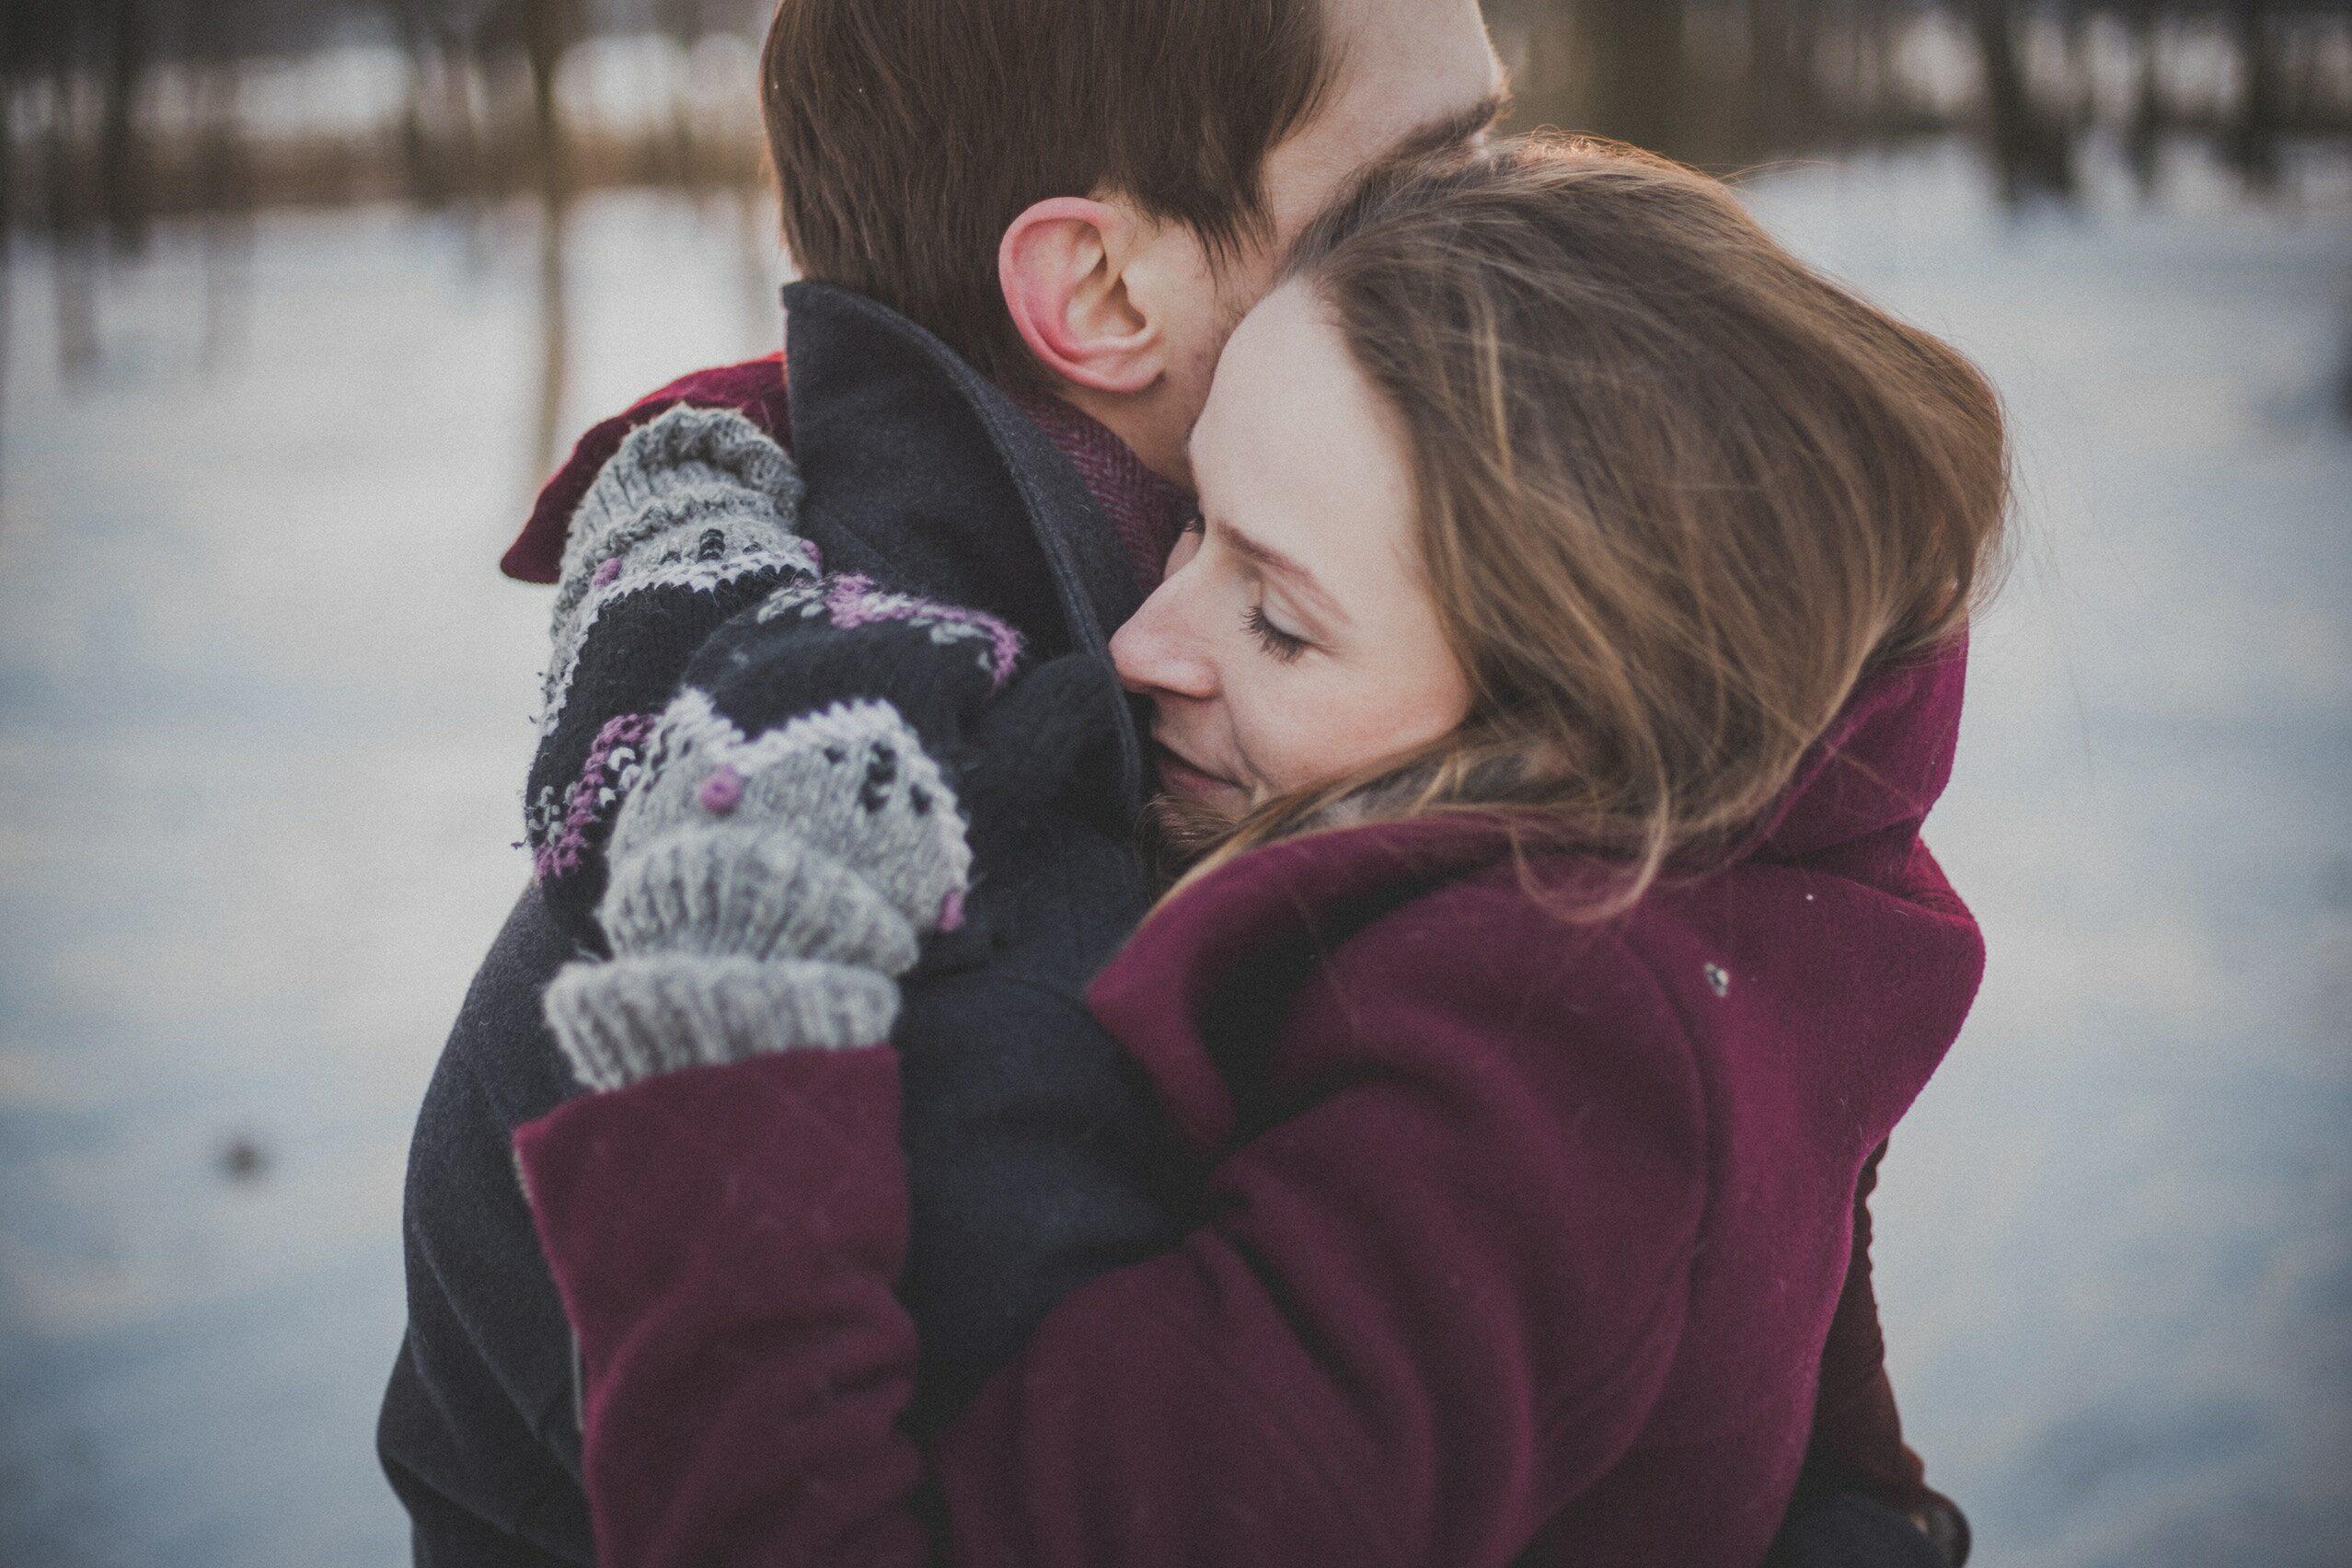 Przytulanie, zdjęcie ilustracyjne